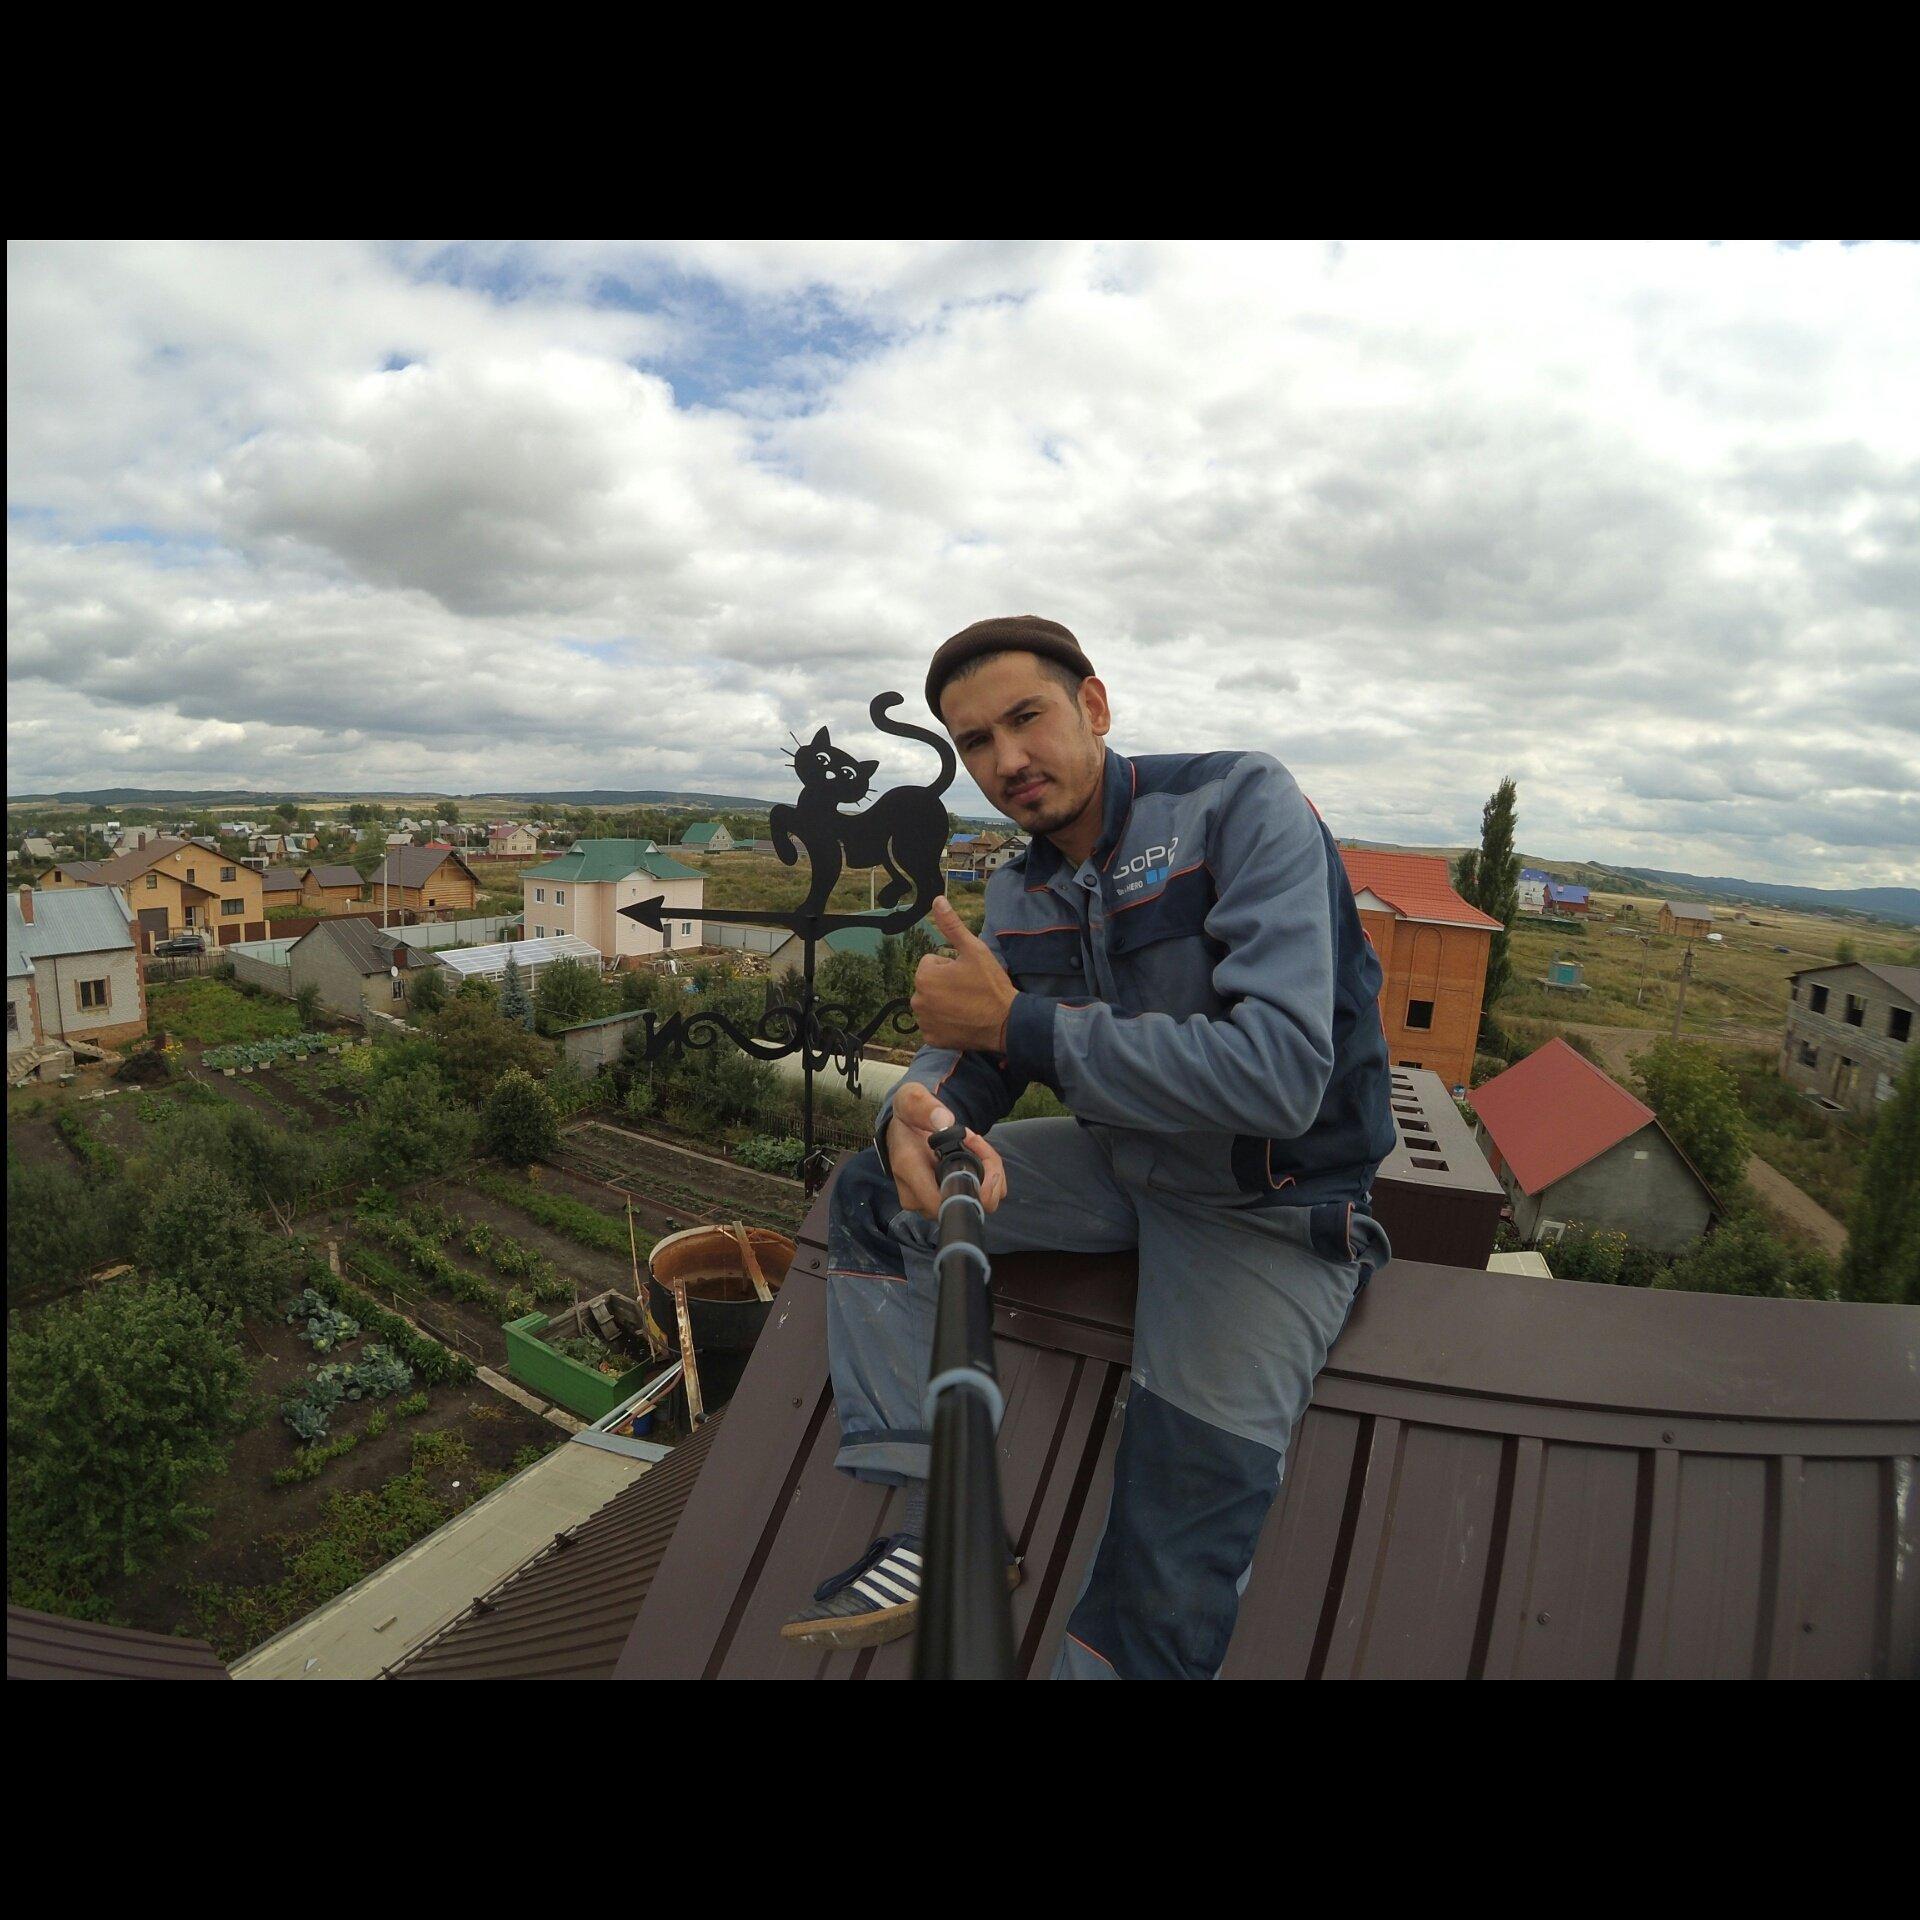 фото флюгеров на крыше